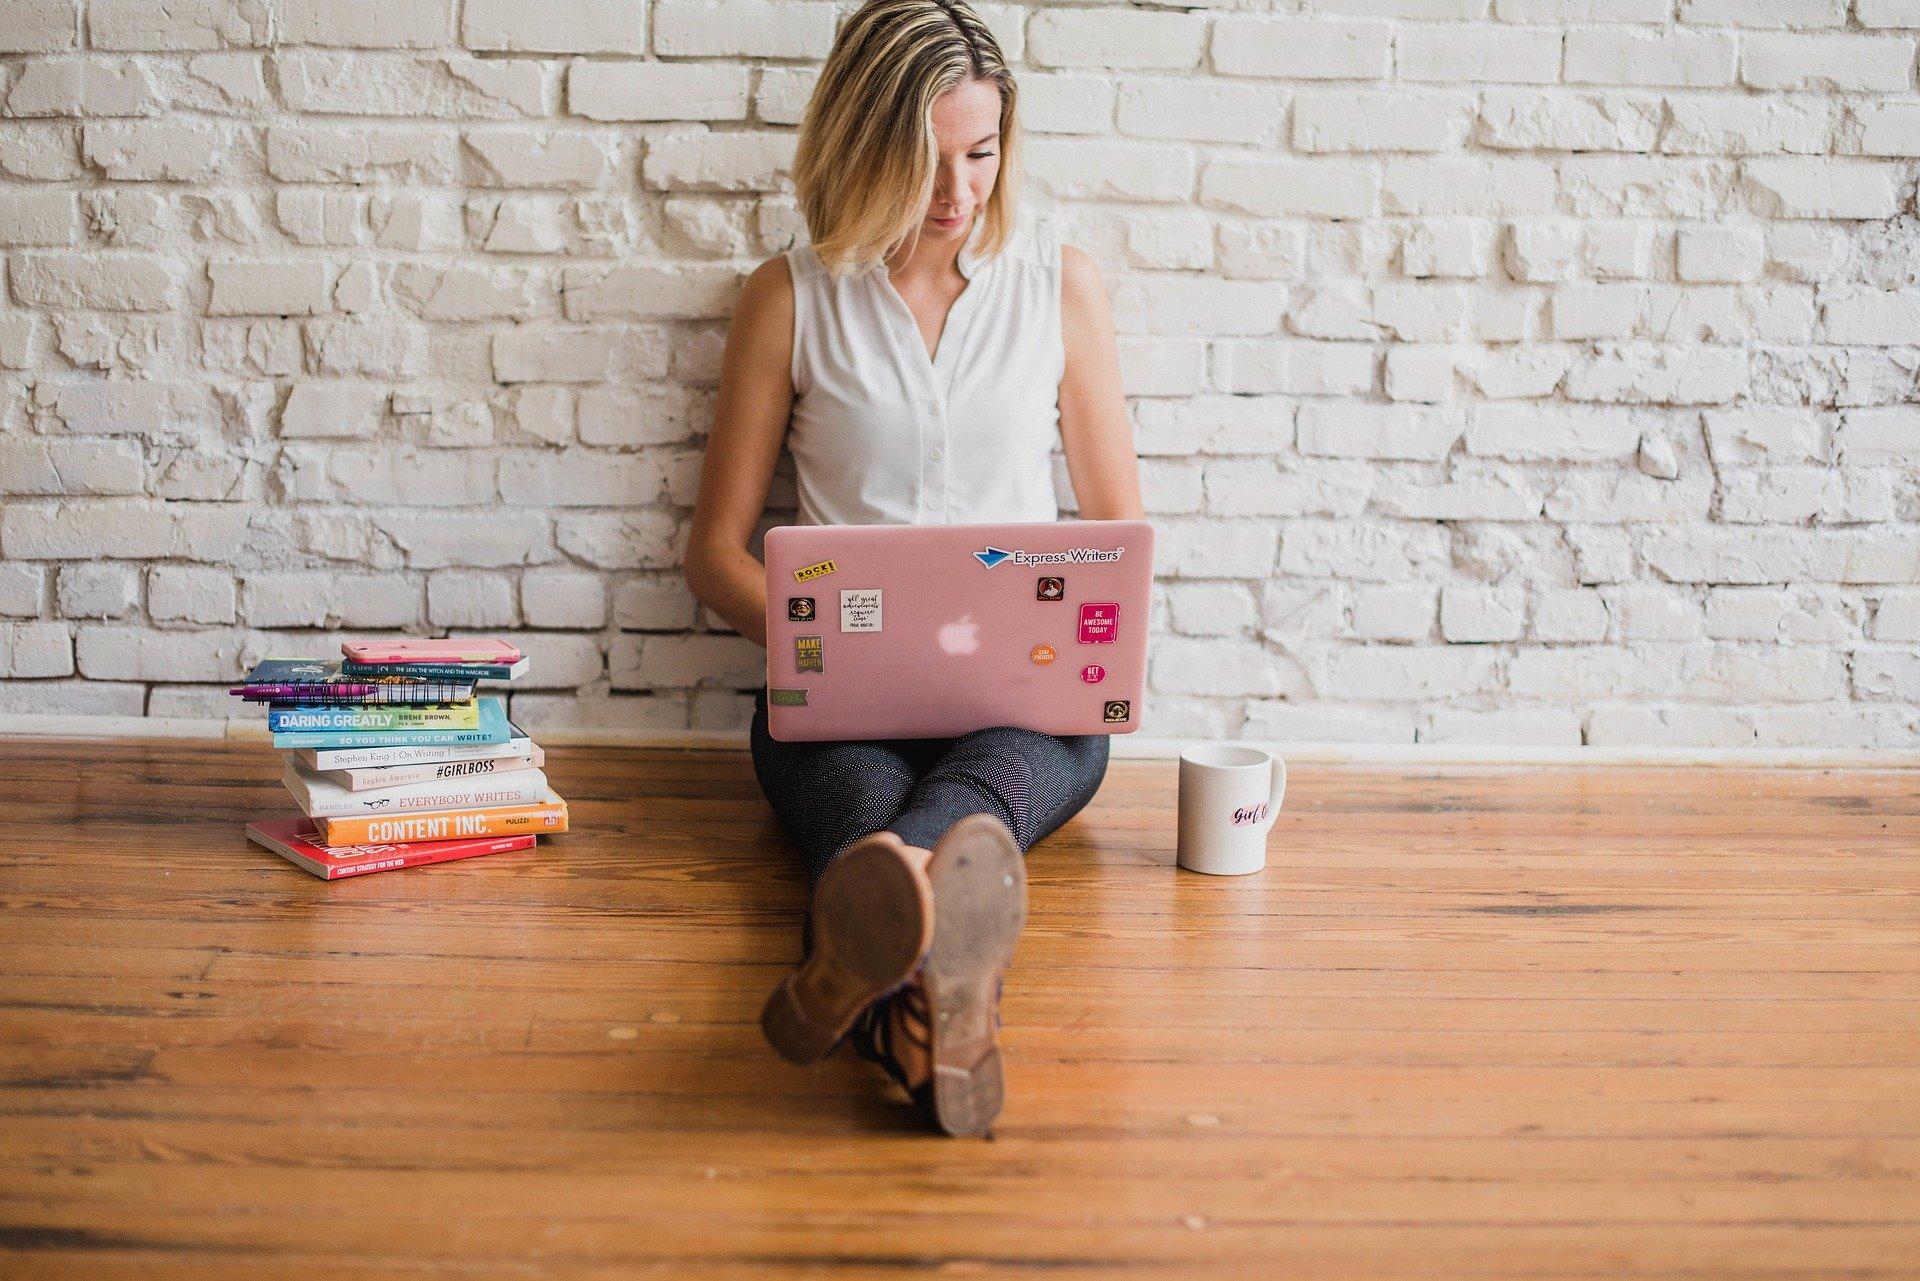 Imagem mostra uma mulher com um notebook ao lado de uma pilha de livros.